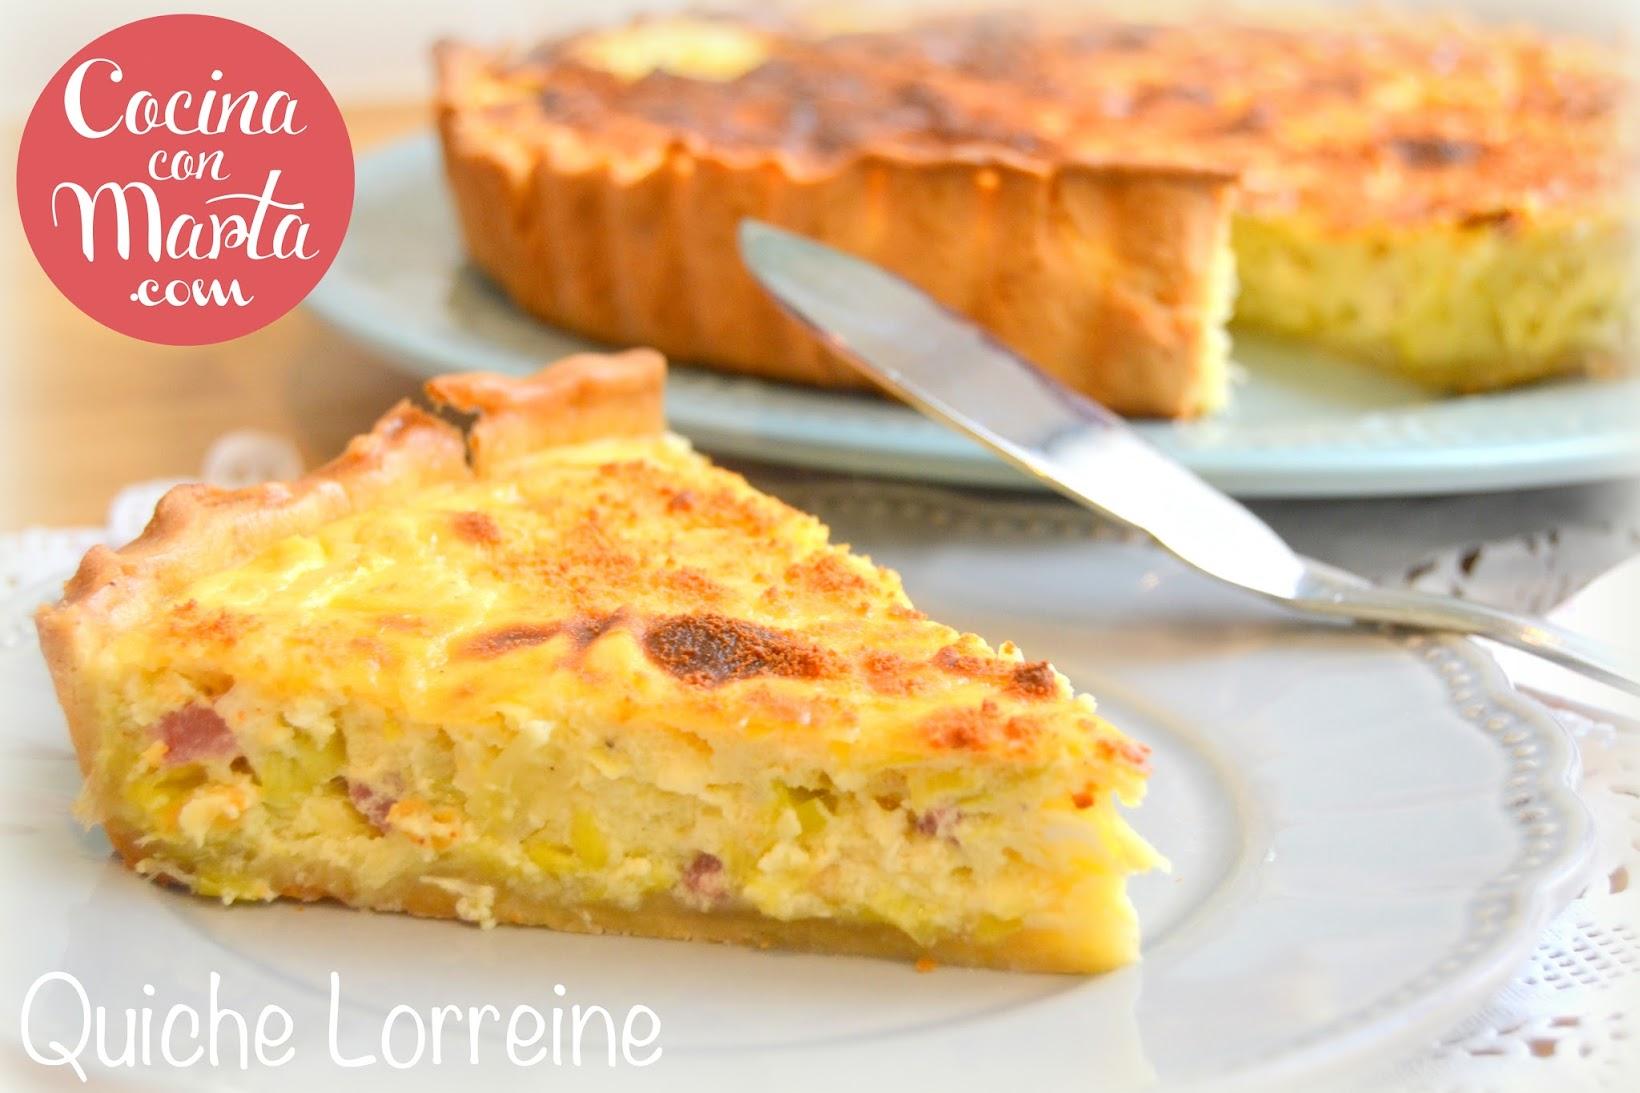 Quiche Lorreine, quiche puerros y bacon, nata, crema, leche evaporada, tarta salada, fácil, rápida, casera, receta, cocina con marta